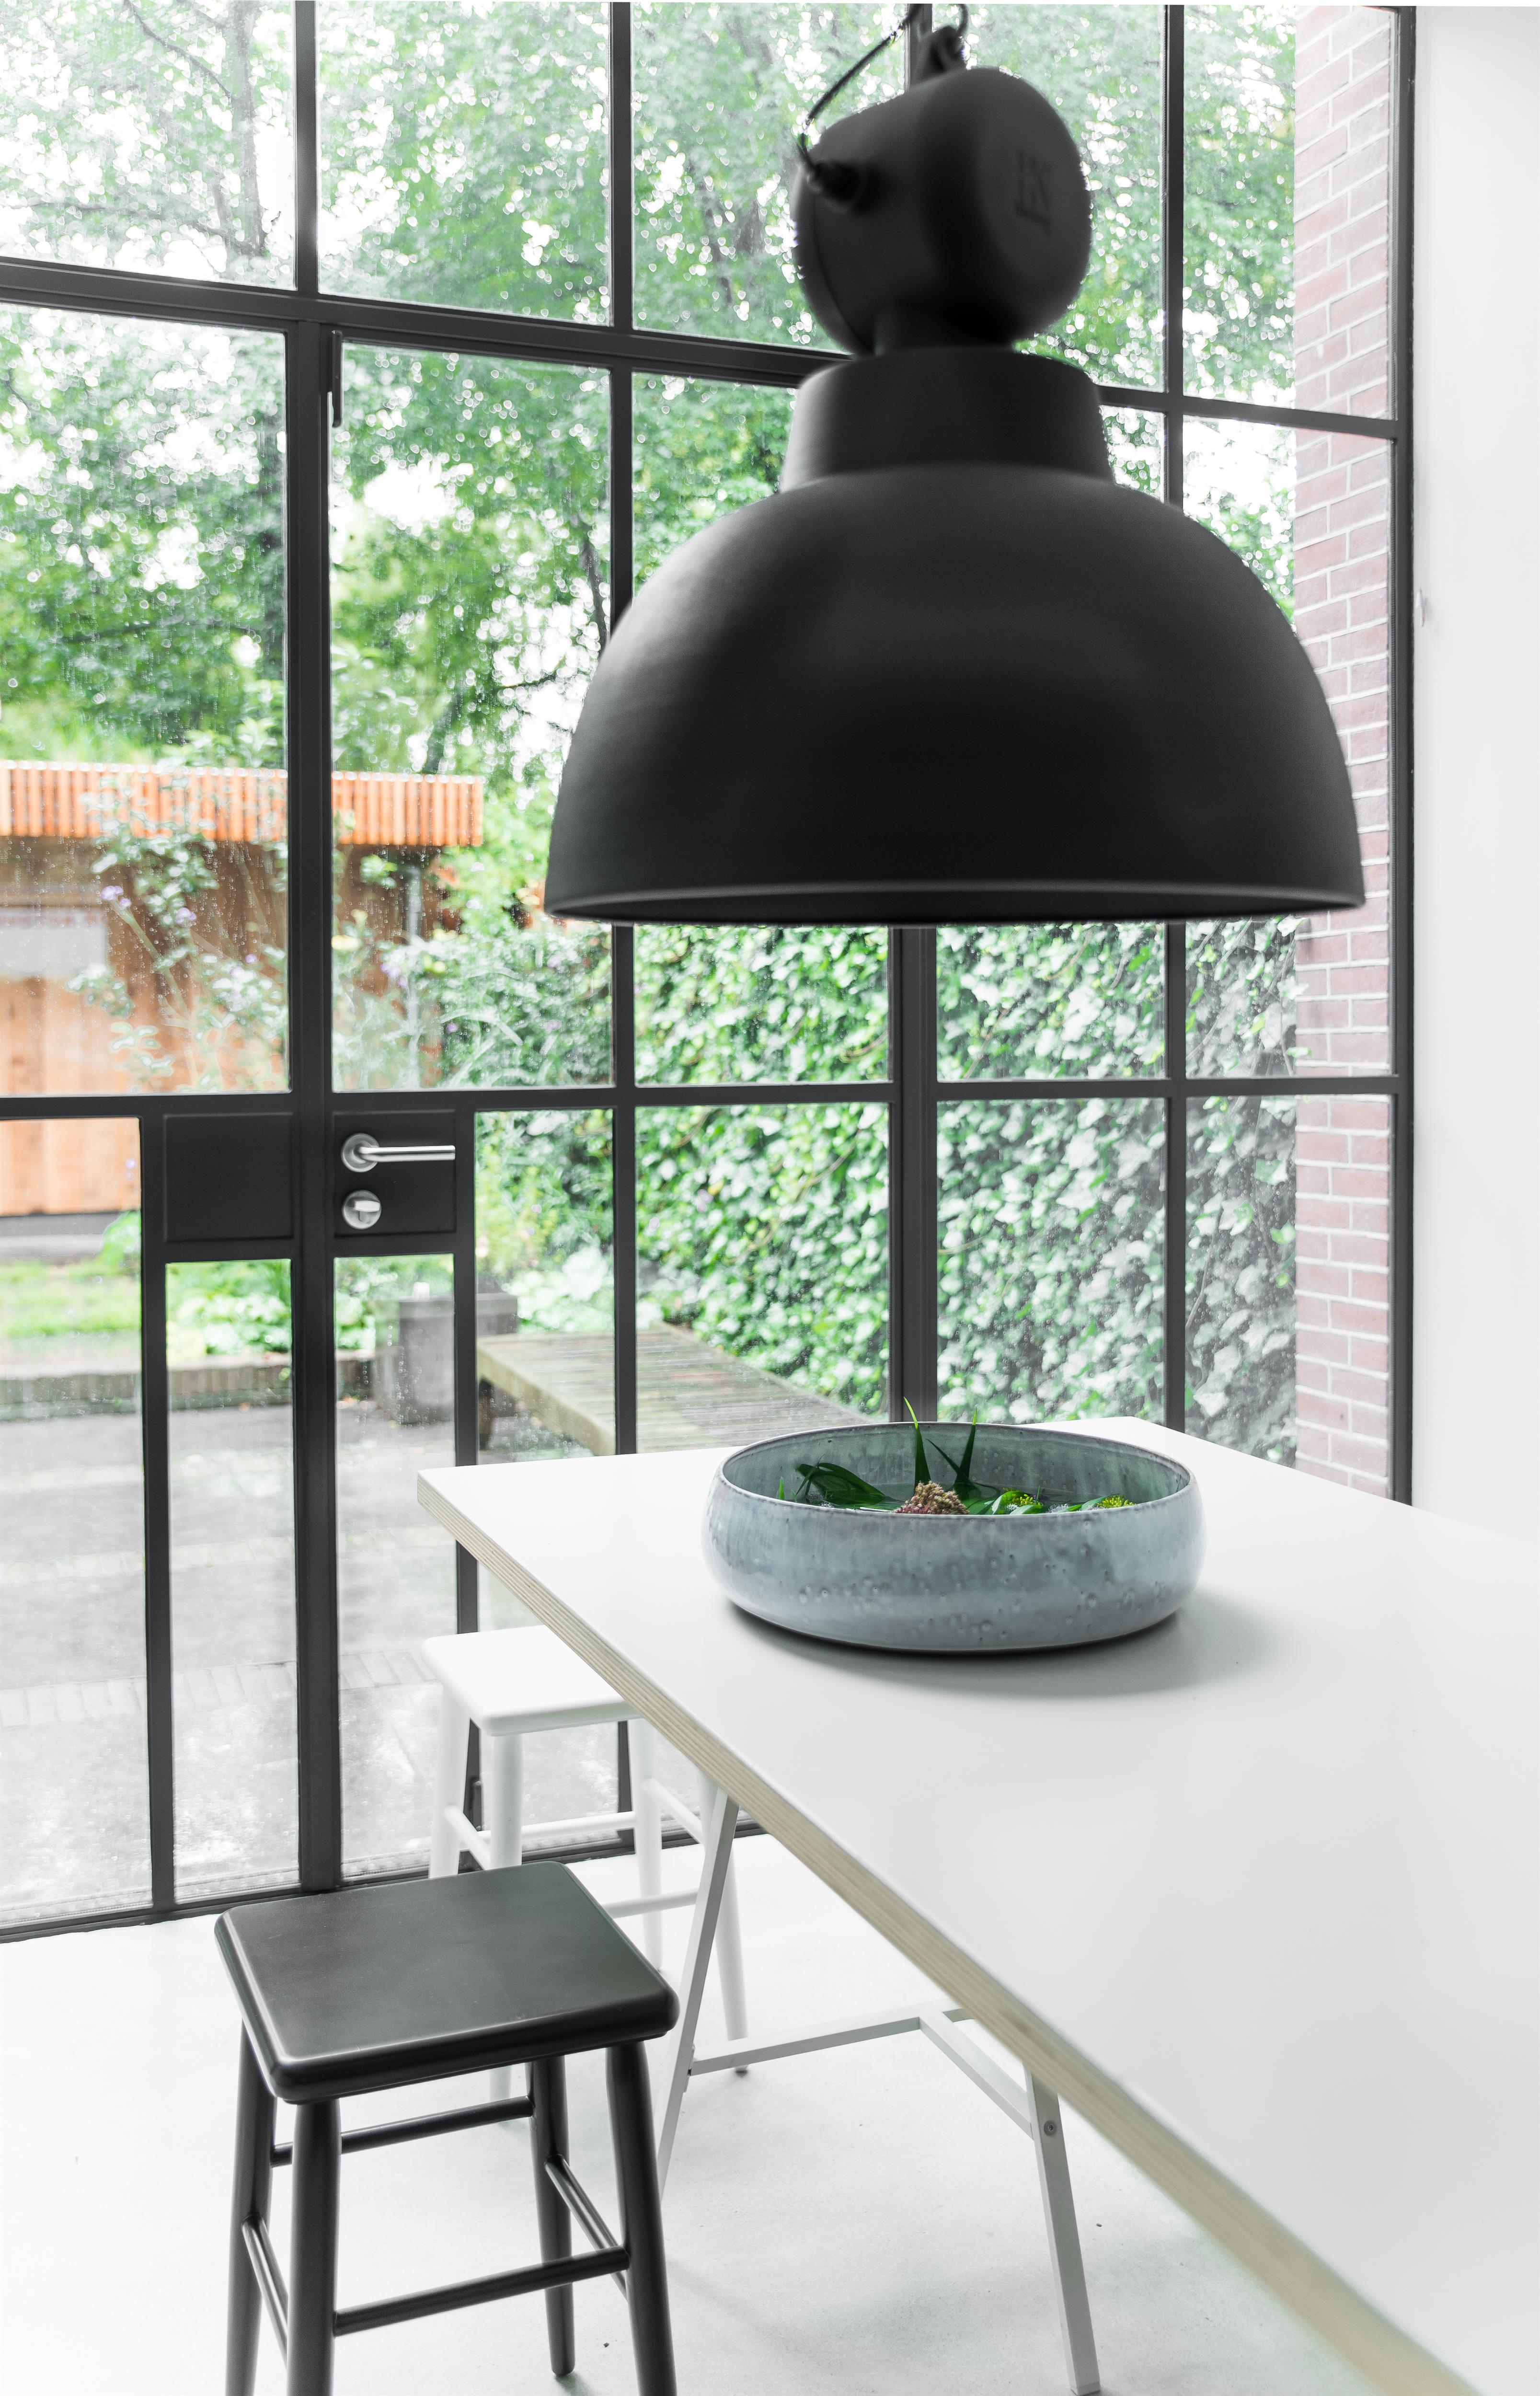 Keukenlamp Landelijk : Rustieke Zandkleurige Lamp HK-1007 Bestseller! Hanglamp in grijze